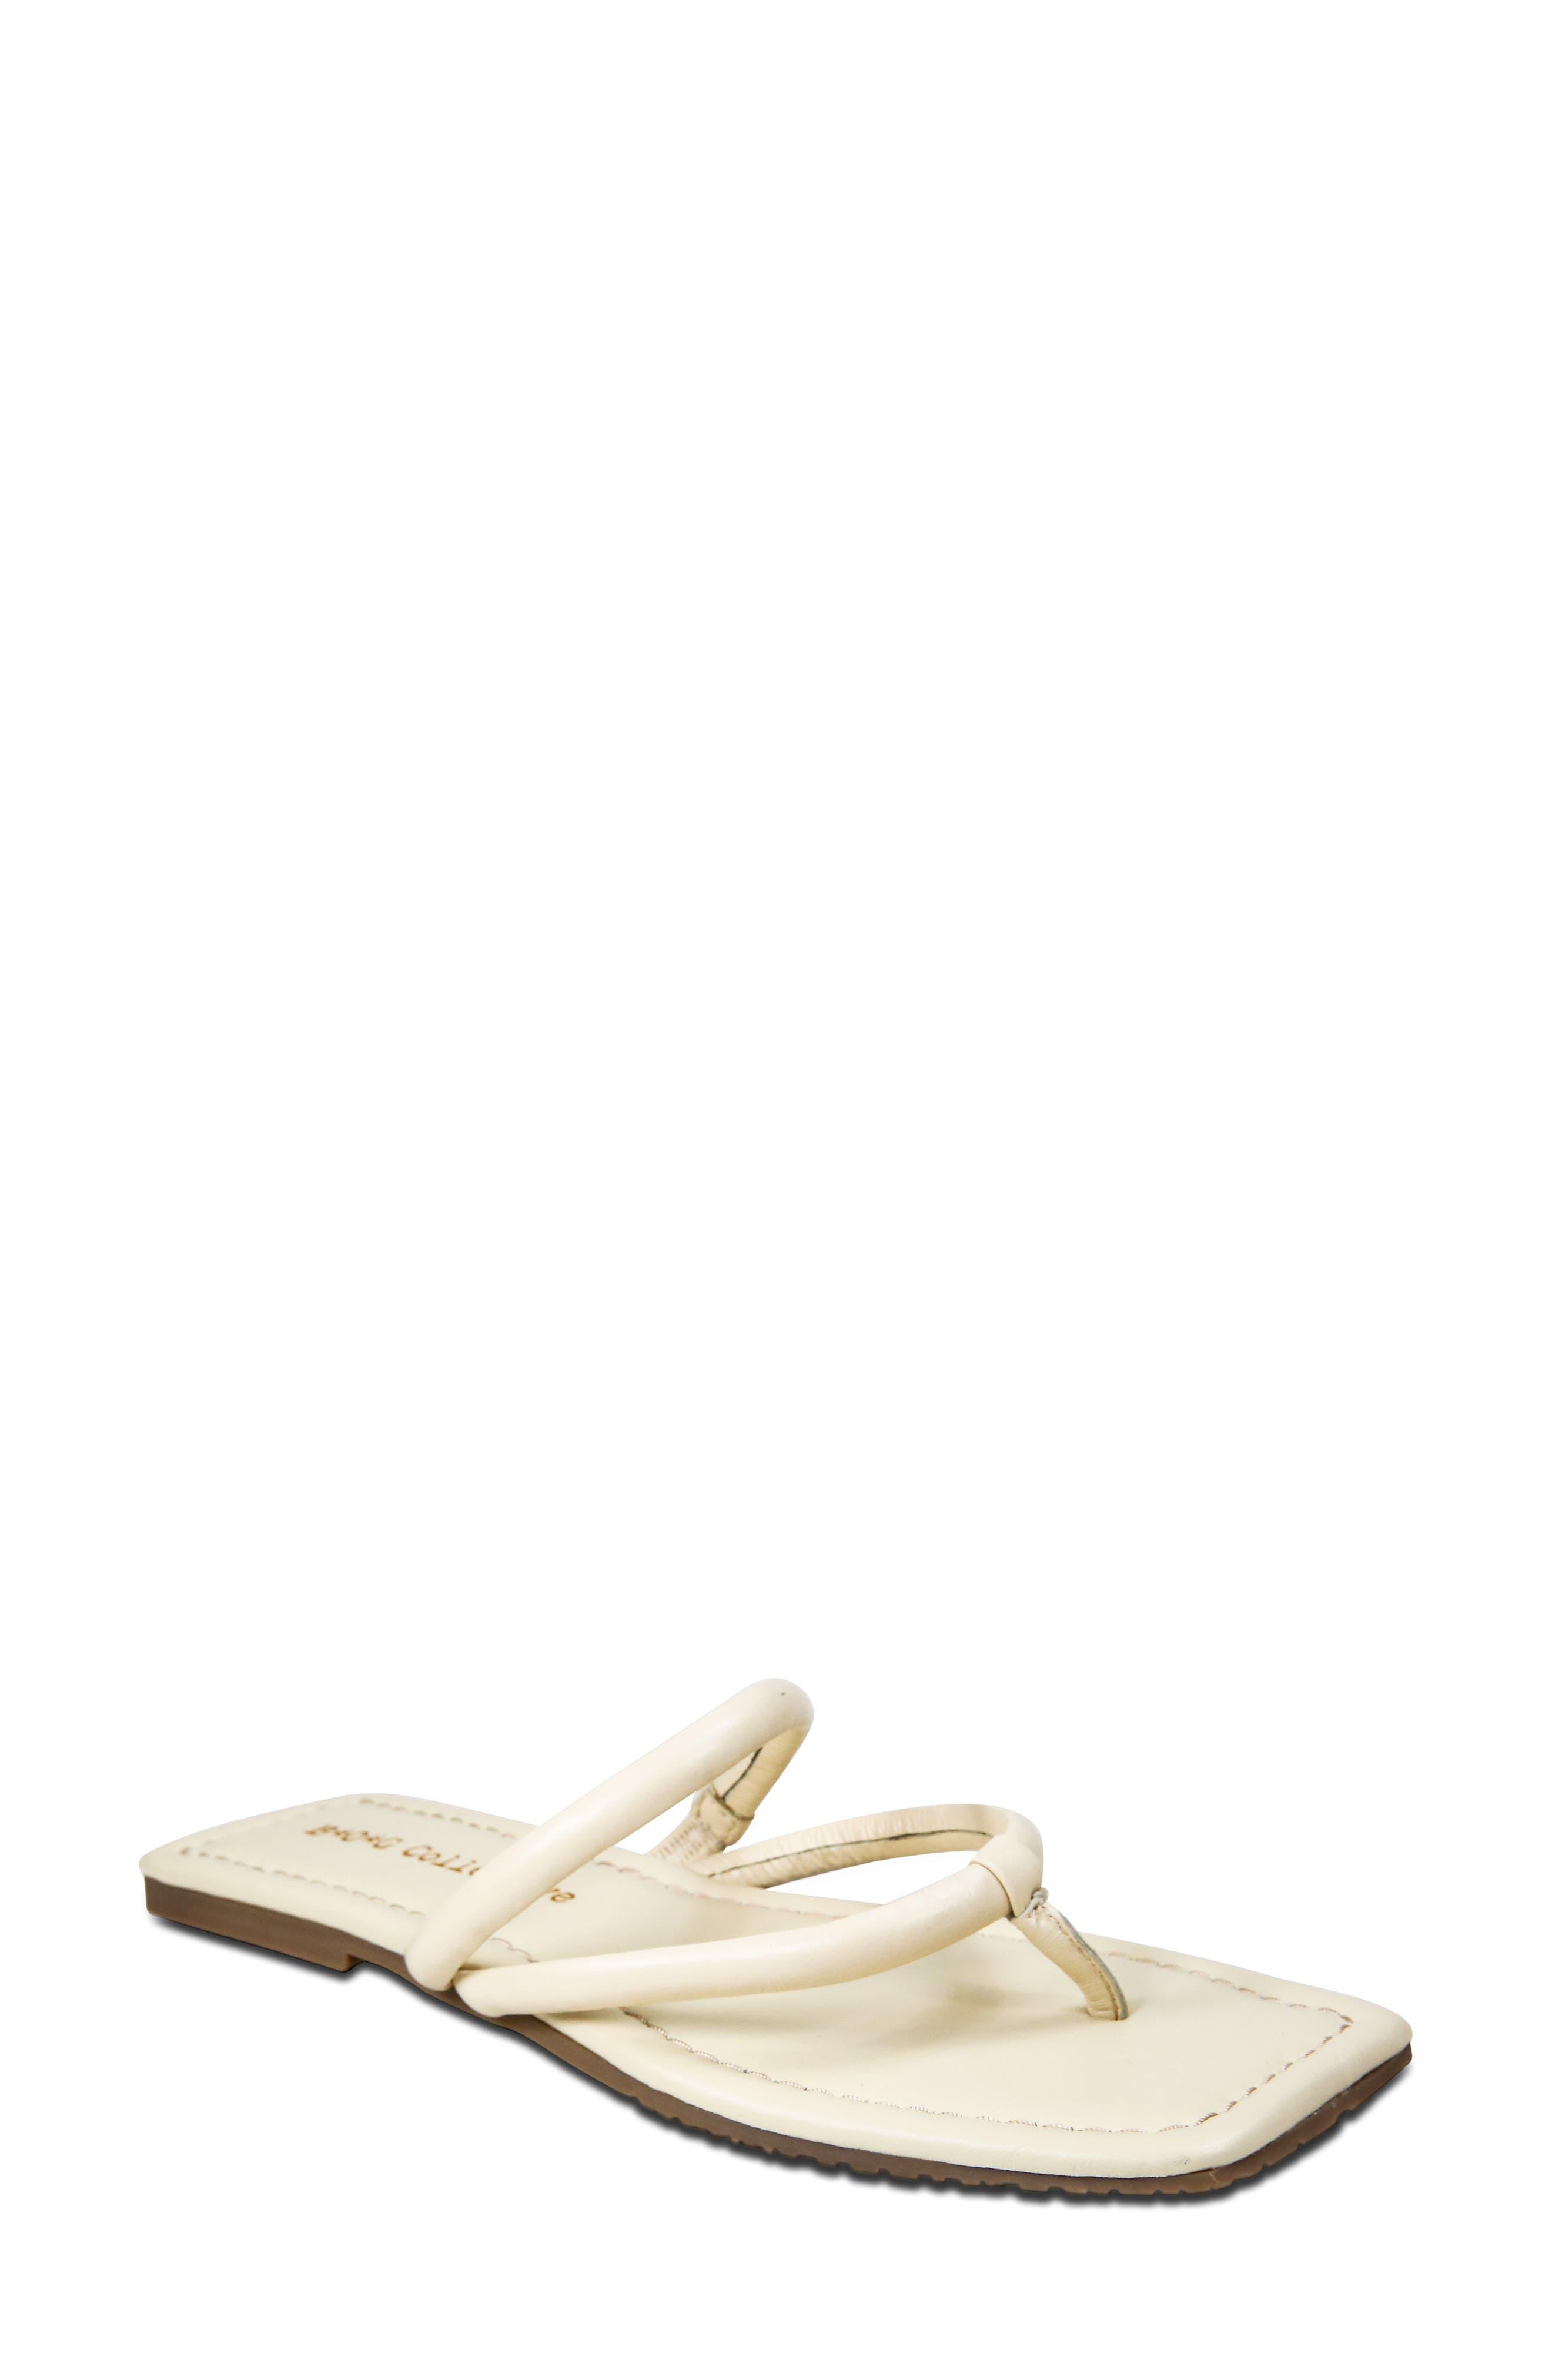 Rambla Square Toe Slide Sandal